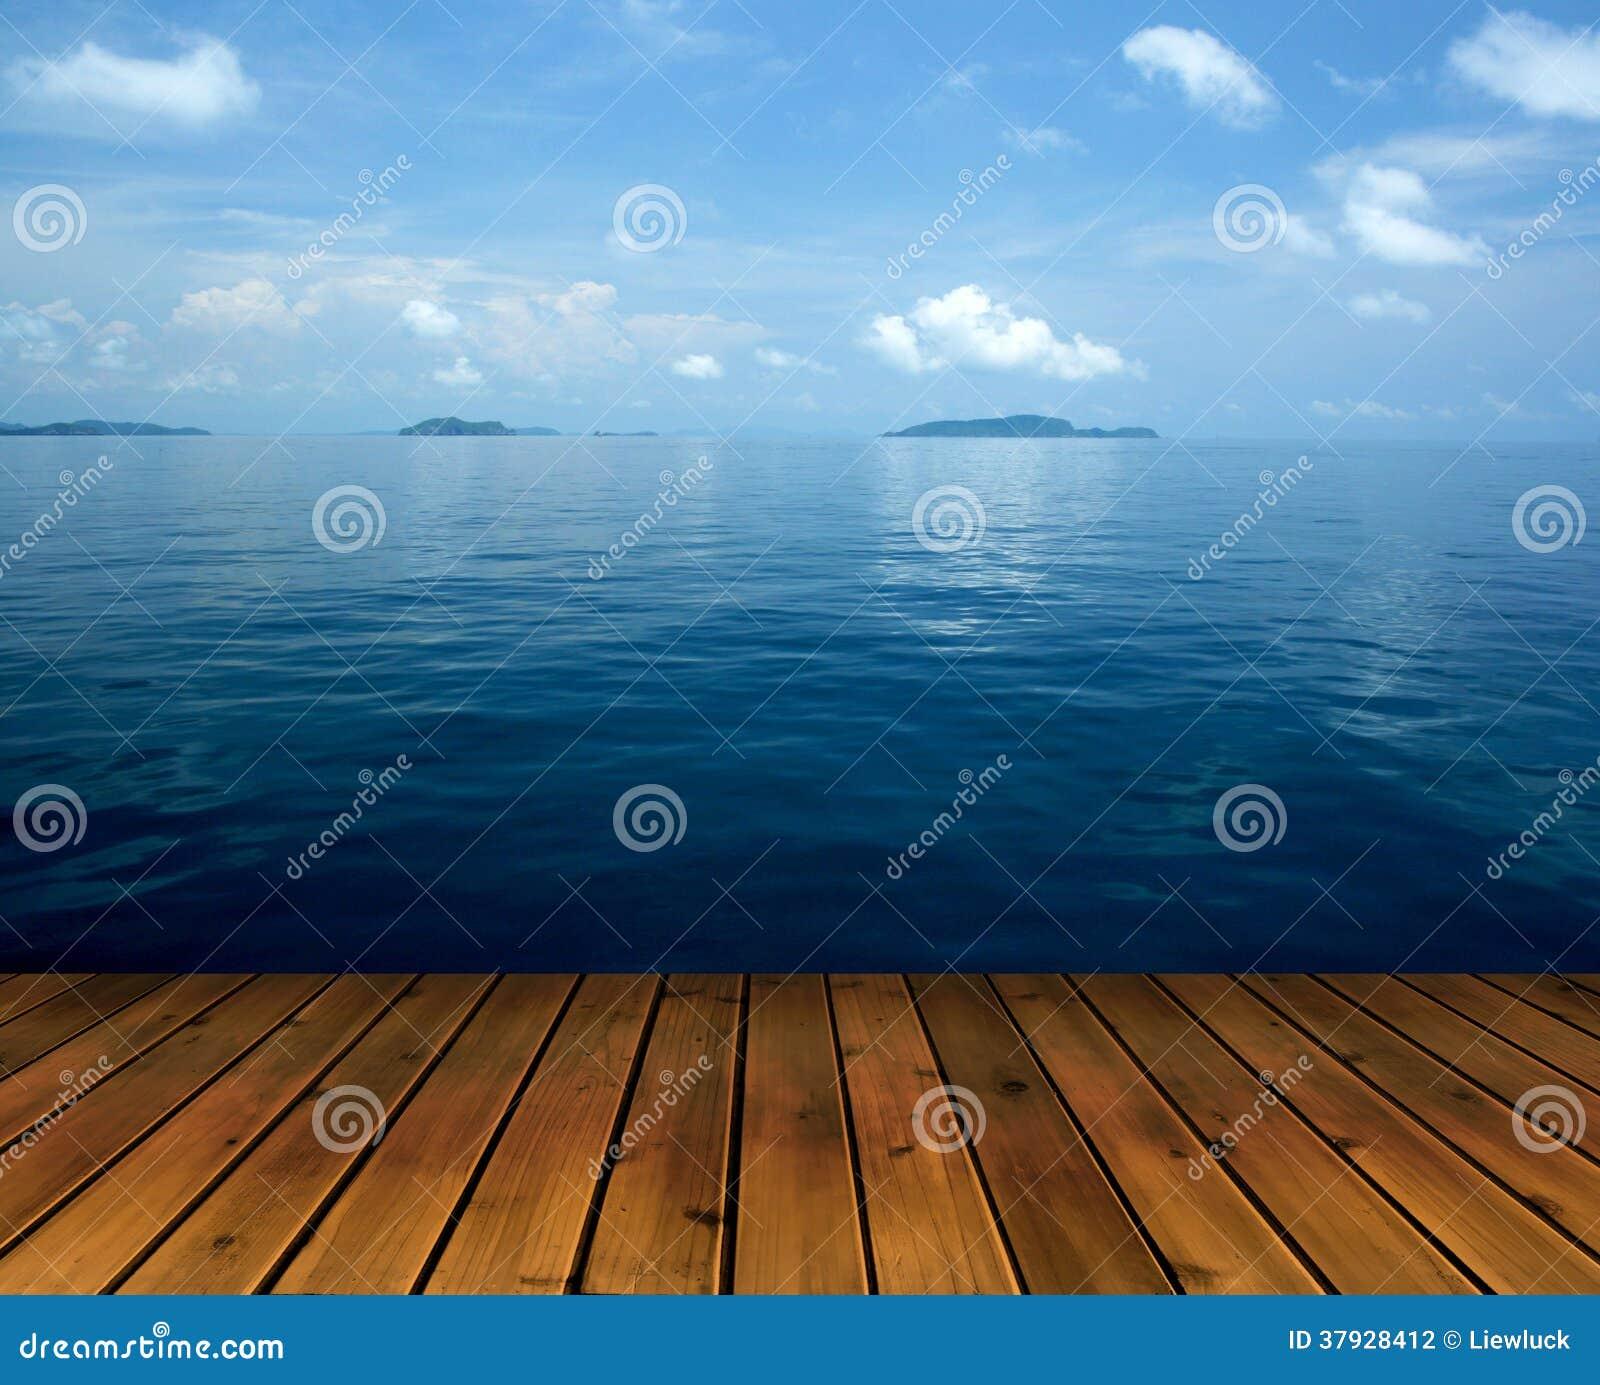 Океан с полом неба и древесины